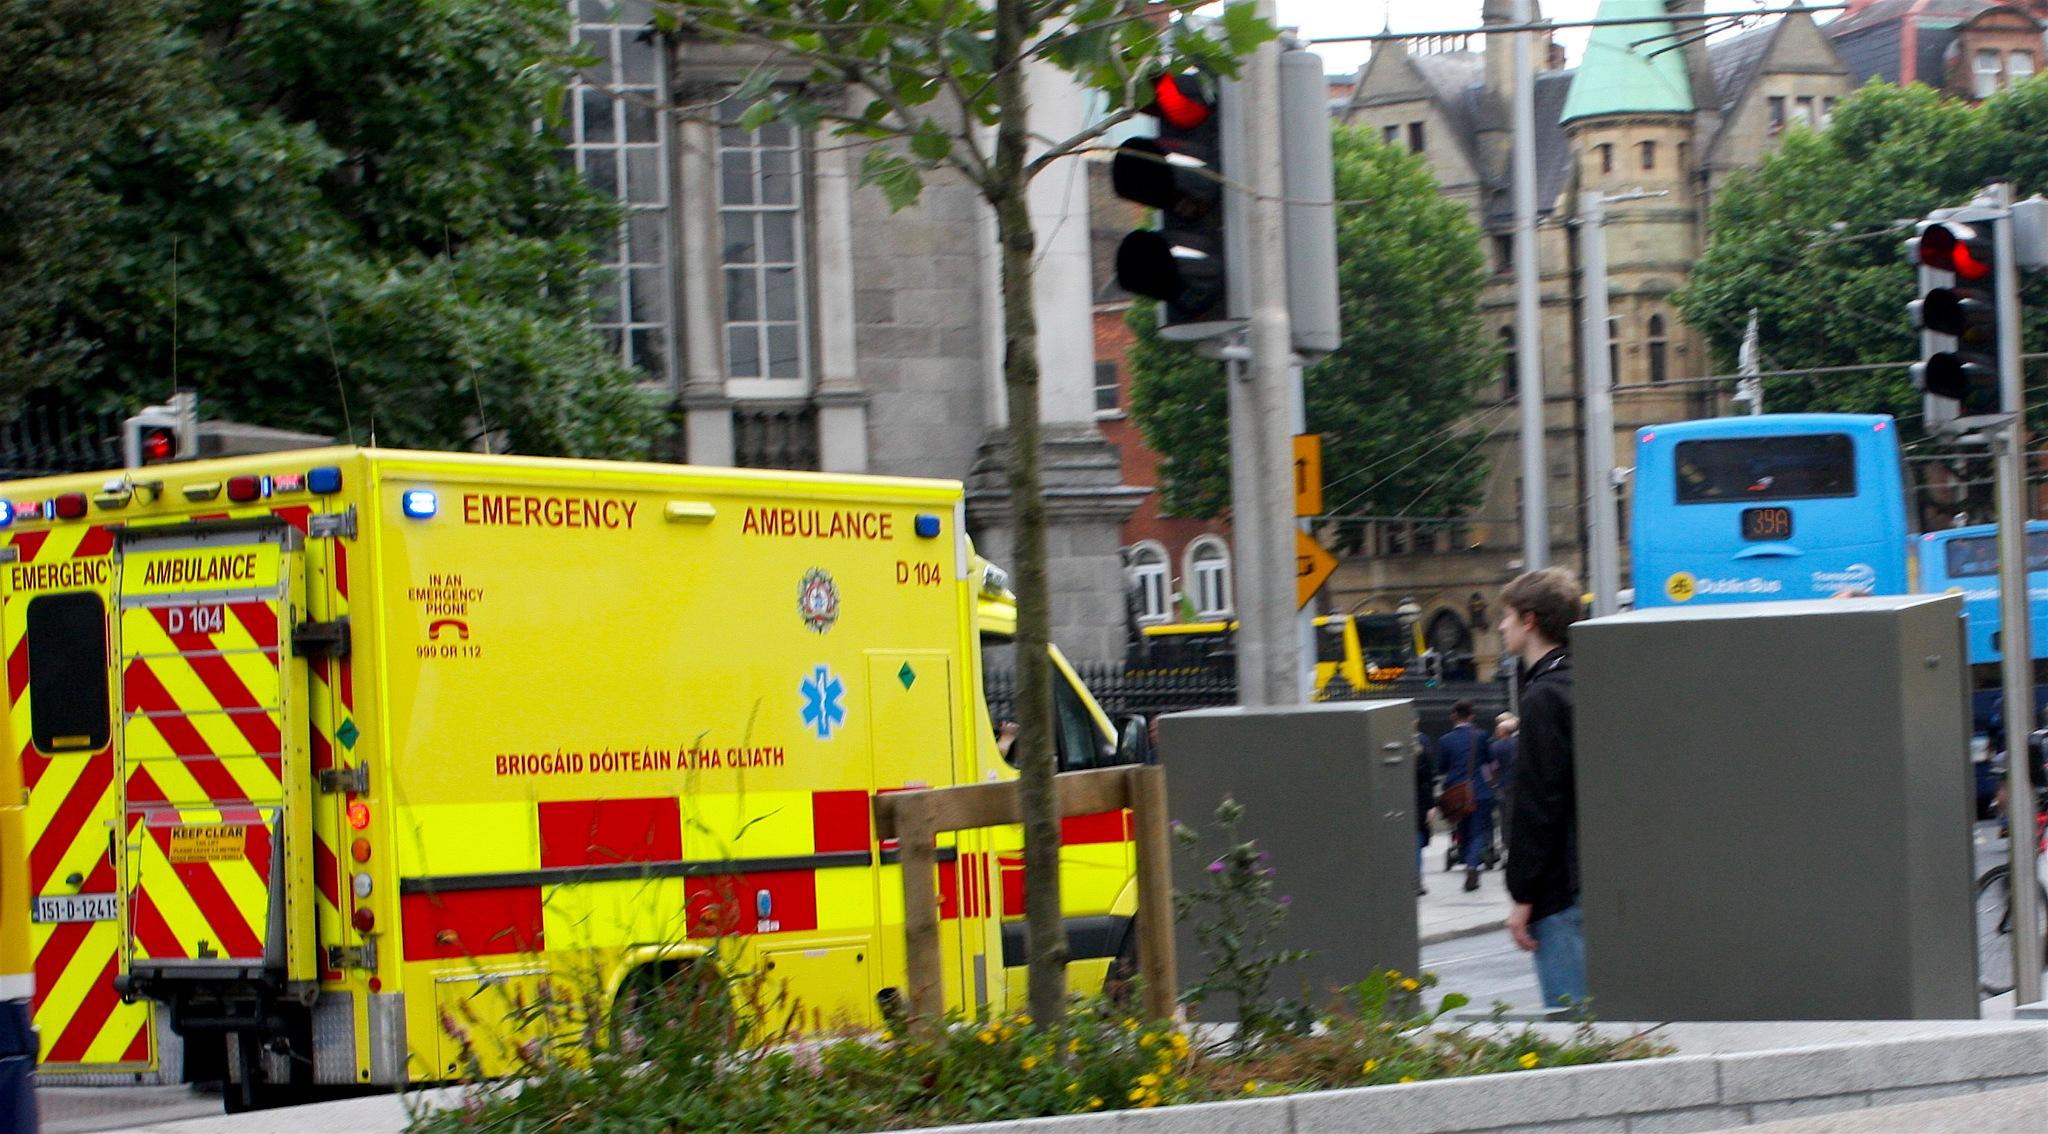 Emergency! by Ddolfelin